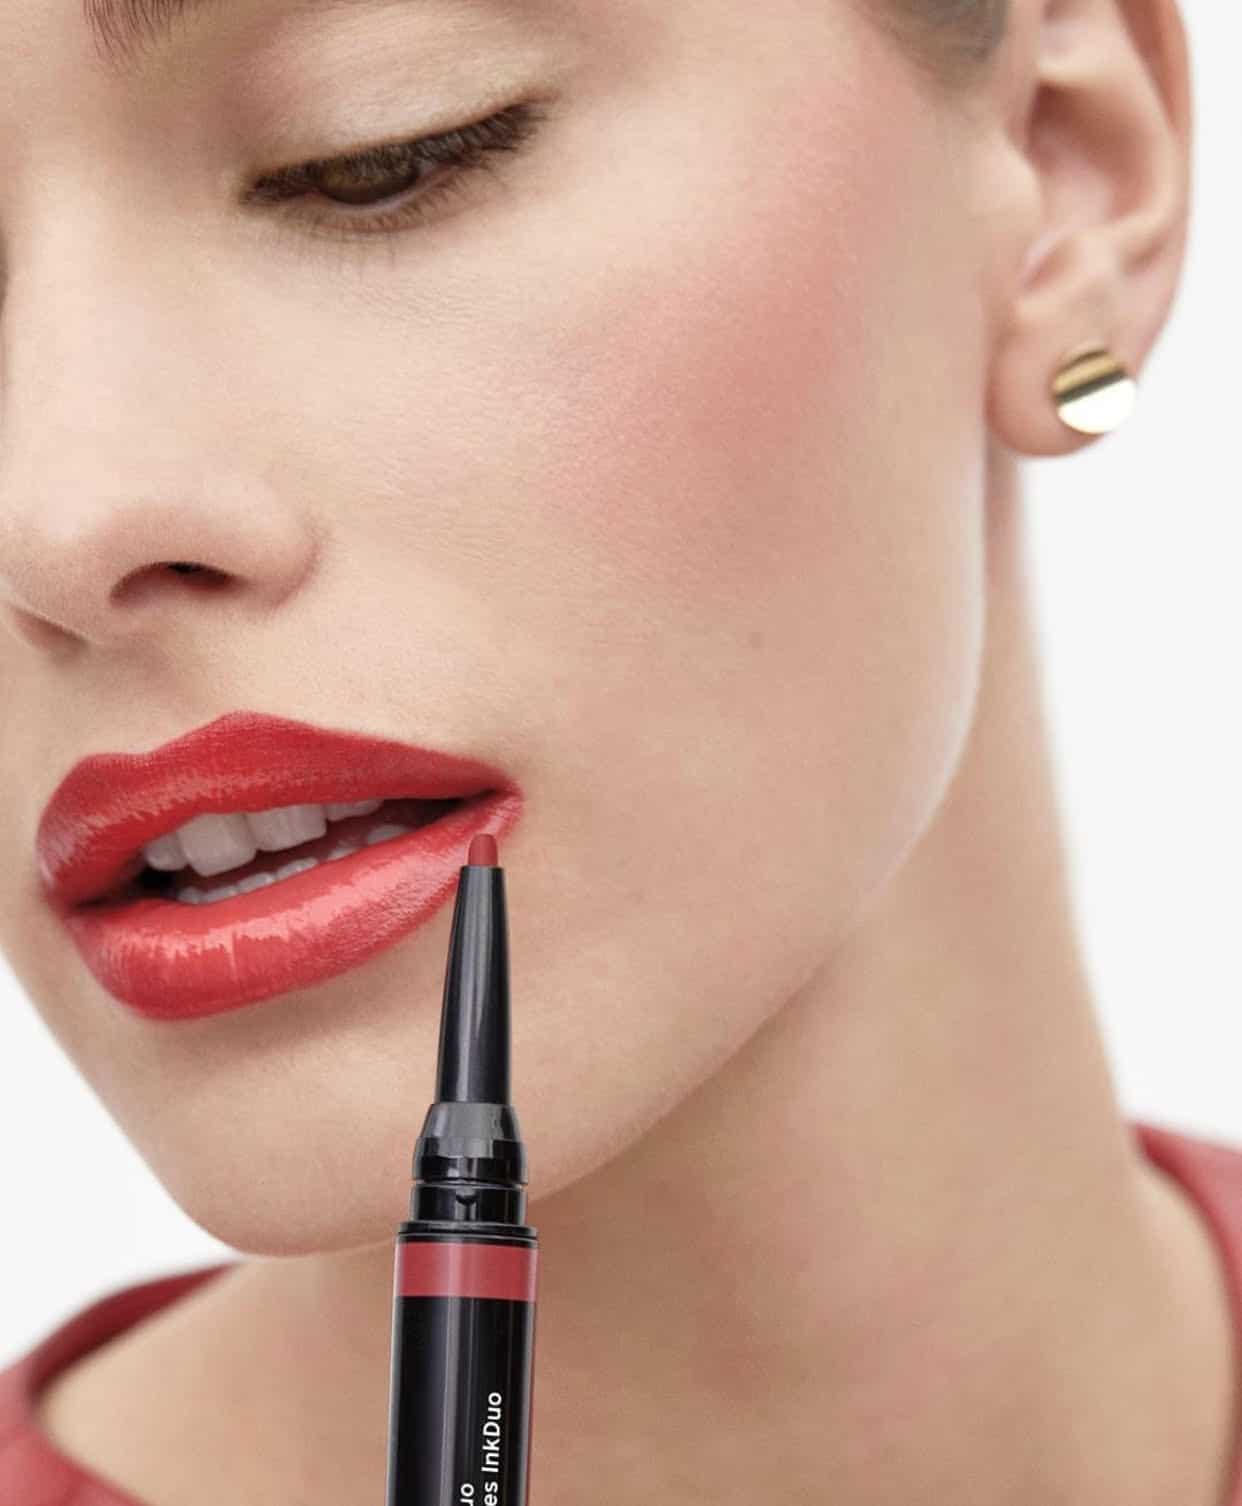 shiseido, j-beauty, japán, ajaksmink, szájfény, gel gloss, Lip Liner Ink duo, alap, szájceruza, smink, rúzs és más, innovatív